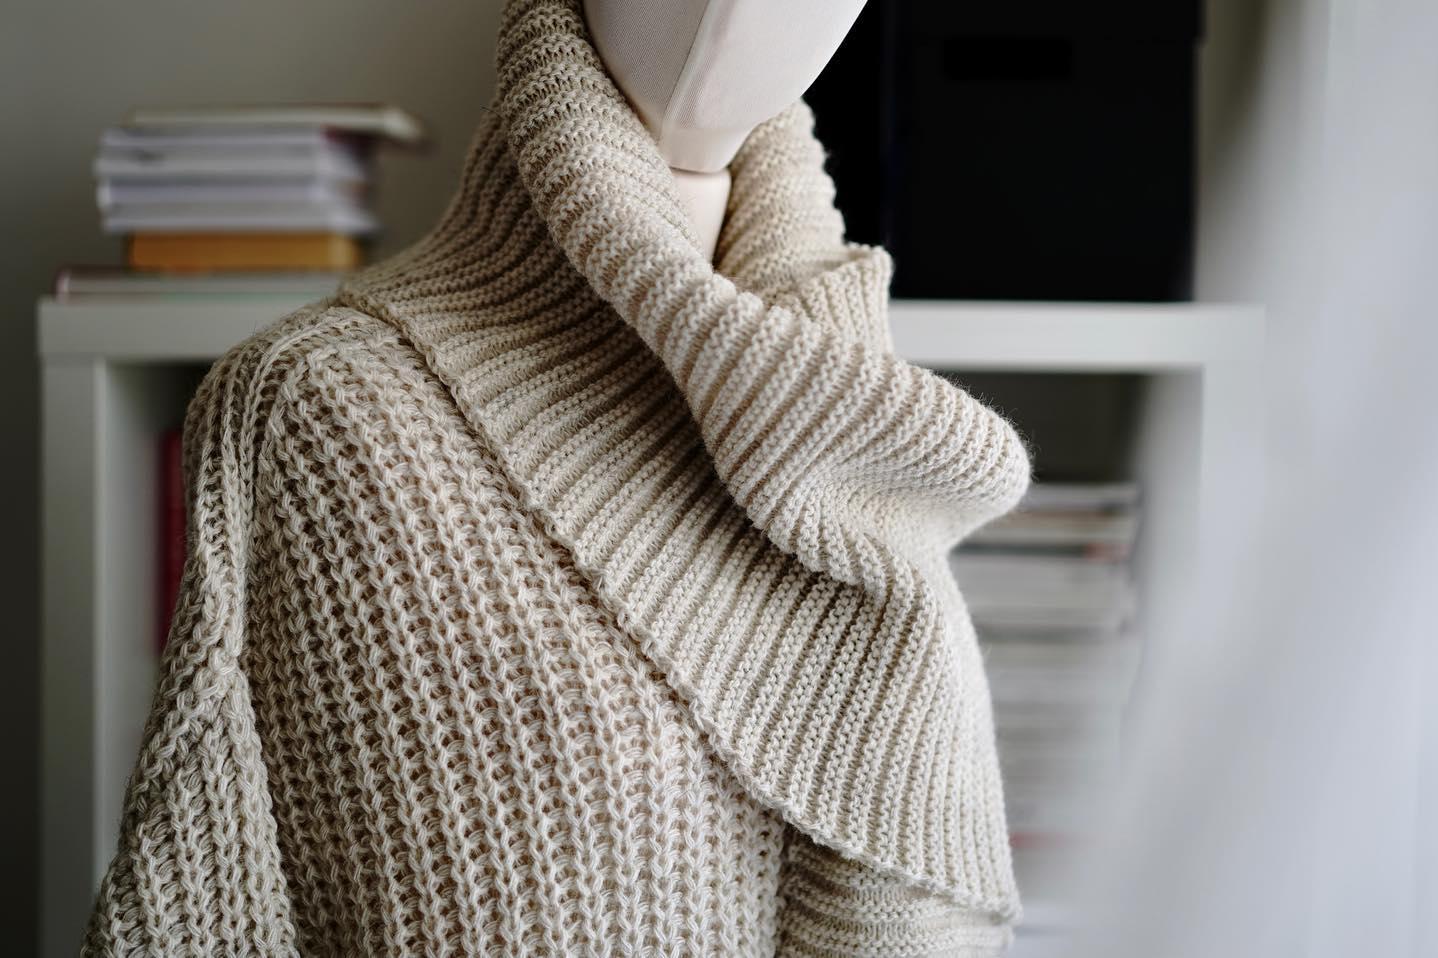 Sweter i szal z tej samej przędzy. Piękny #monolook 🤍 Ciepło, miękko, subtelnie…  _______________ #bienkovska #knitwear #swetry #szale #dziewiarstwo #wełna #alpaka #kochamswetry #polskieswetry #madeinpoland #madeineurope #rodzinnafirma #wemadeyourclothes #fairtradefashion #slowfashion #designer #me #milenabienkowska #blondgirl #woman #mystyle #lifestyle #slowlifestyle #wspierampolskiemarki #polskiprodukt #subtelnieświadomiekobieco #lubięsięunosić #kochammojąpracę 🍂🍂🍂